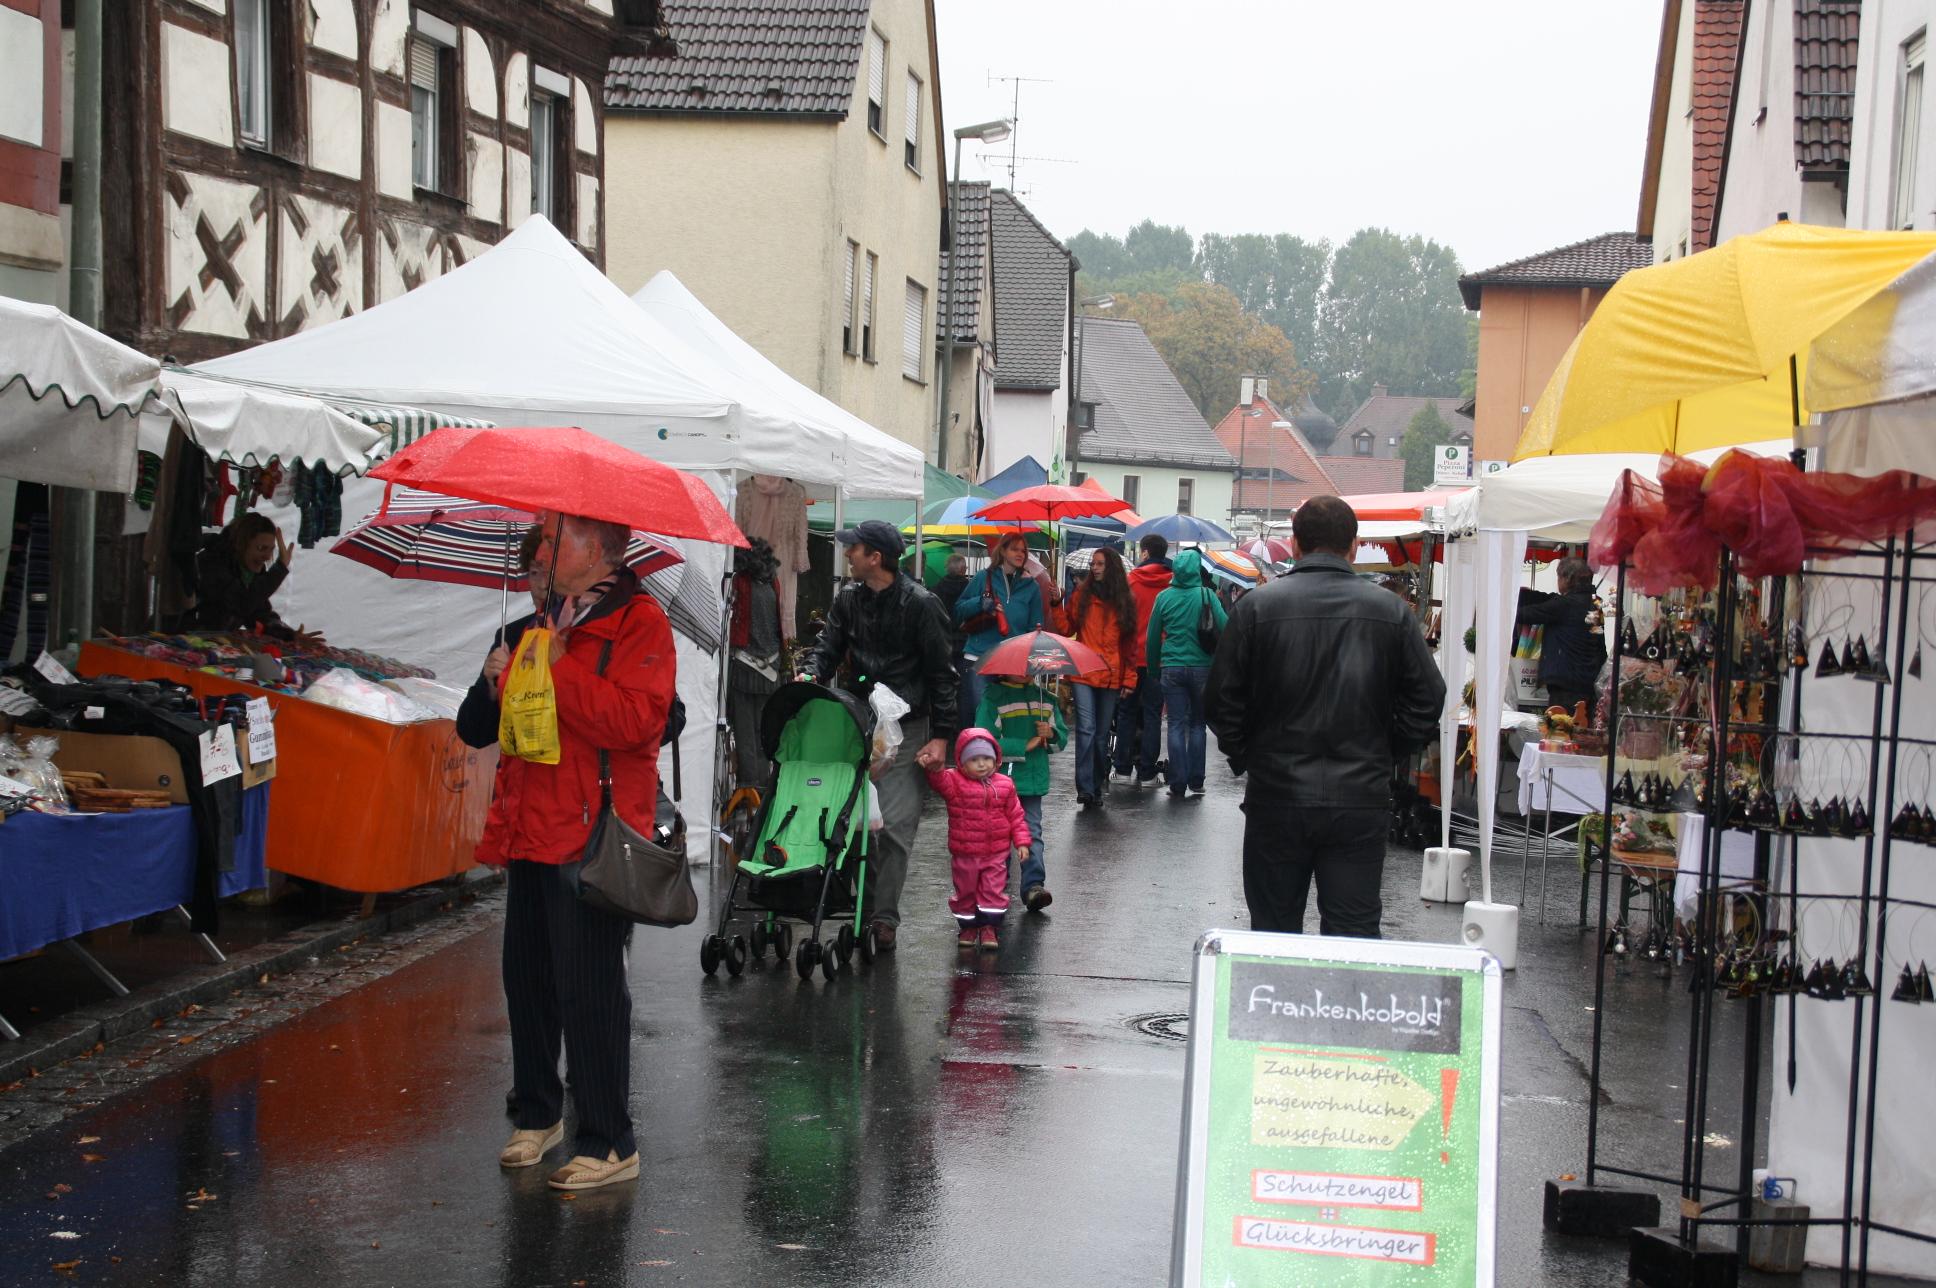 Trotz Regens herrschte in der Hauptstraße einiger Betrieb.